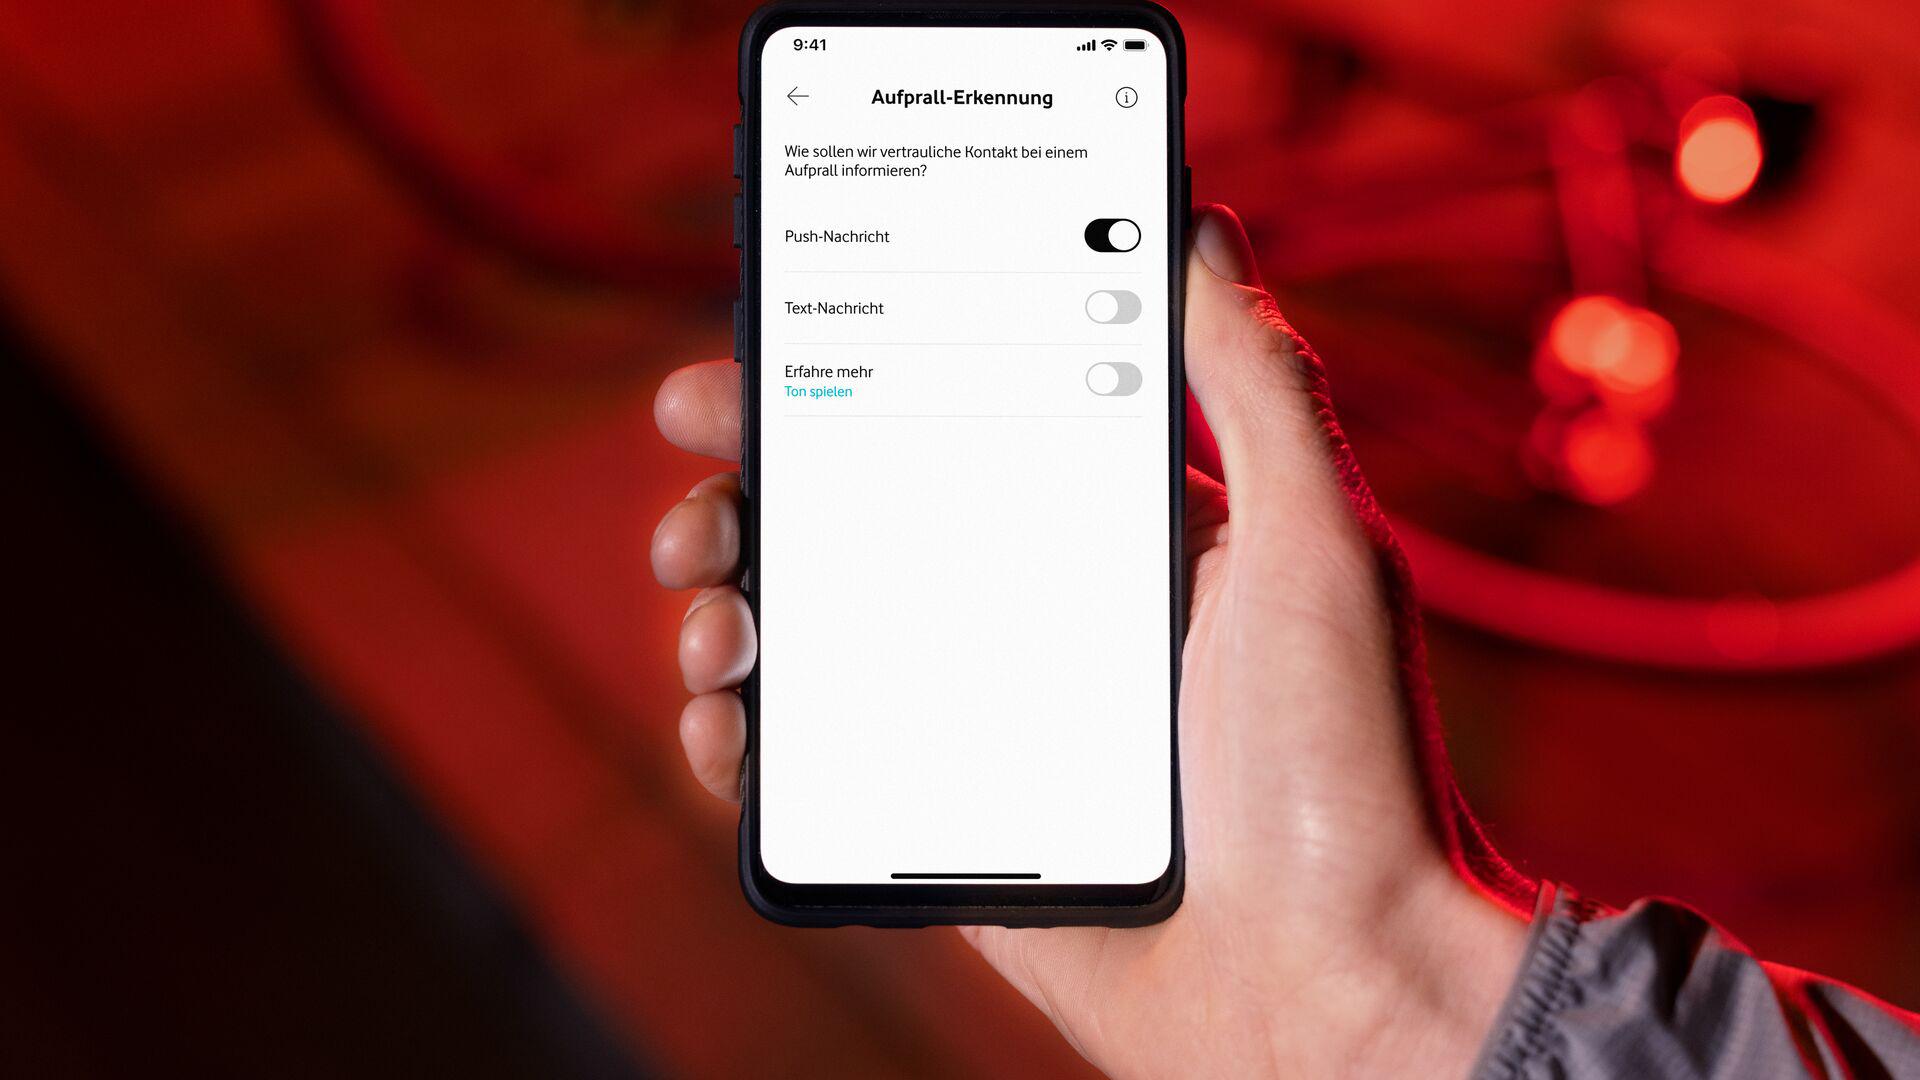 Eine Hand hält ein Handy, über das die Vodafone Smart App aufgerufen ist. Für das Vodafone Curve Bike können Kontakte festgelegt werden, die bei einem Sturz mit dem Rad alarmiert werden.